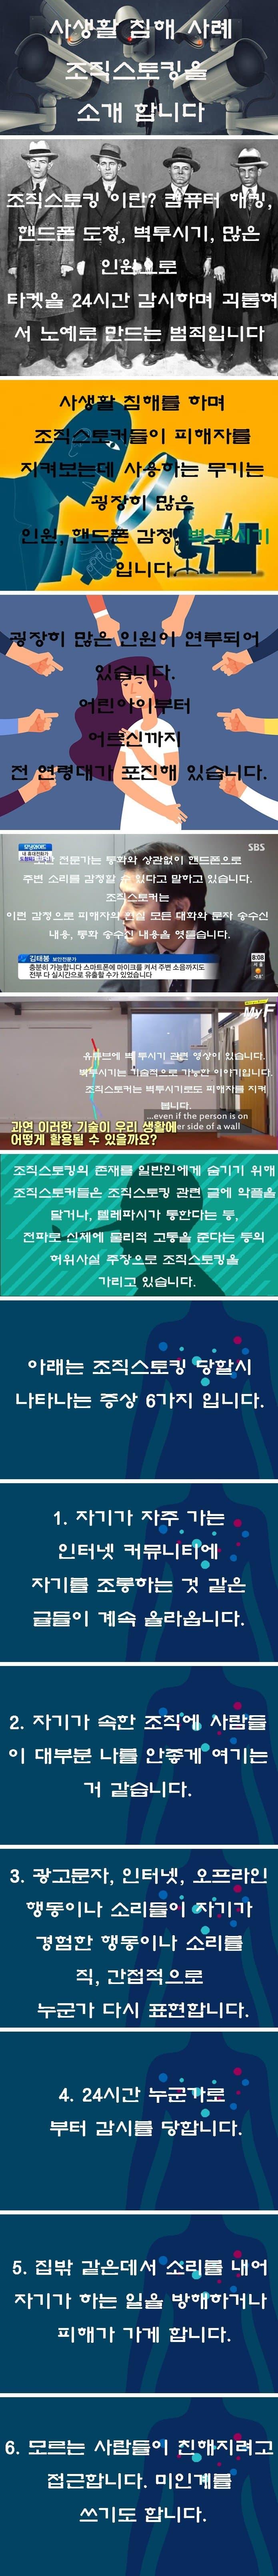 viewimage.php?id=23b8c735dac137a567bac2ac&no=24b0d769e1d32ca73deb87fa11d02831de04ca5aee4f7f339edb1c2bdb40782b57d1591688544e393a9b97634aa7750c9f2dbd452371263e62cb38cab5725f89ab9841d22d27a519